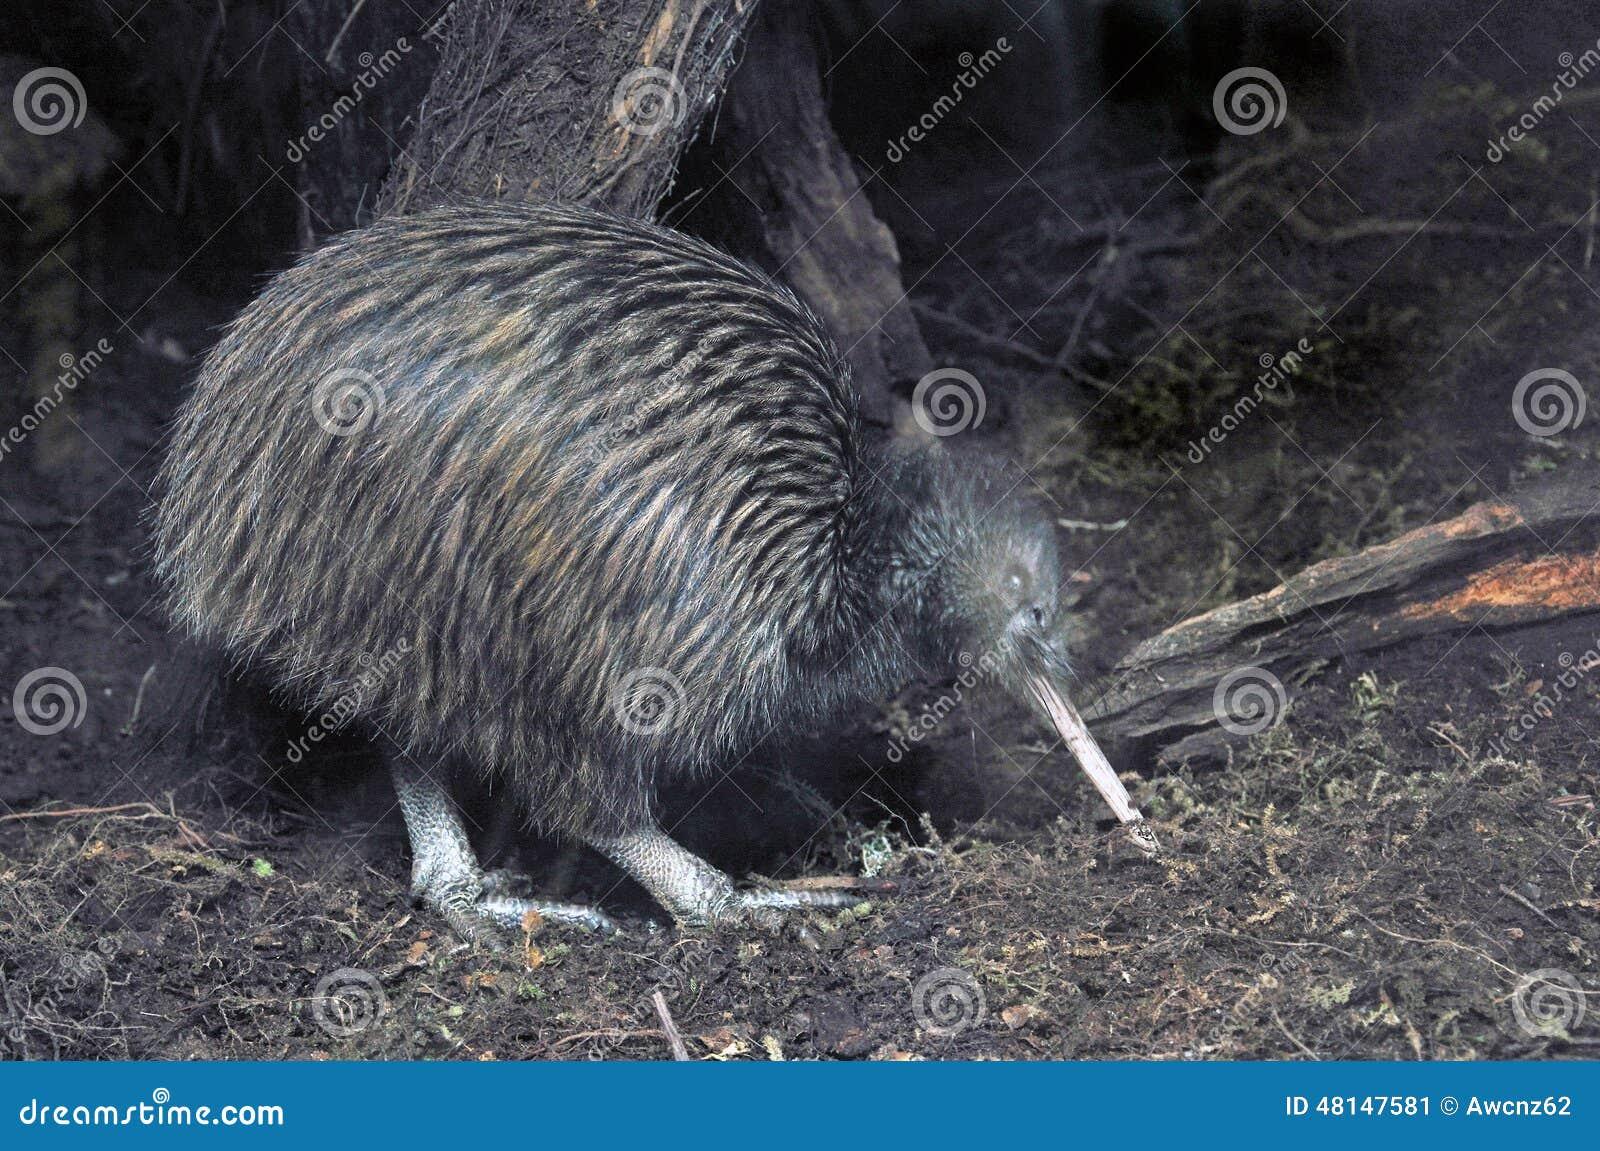 Kiwi in bush